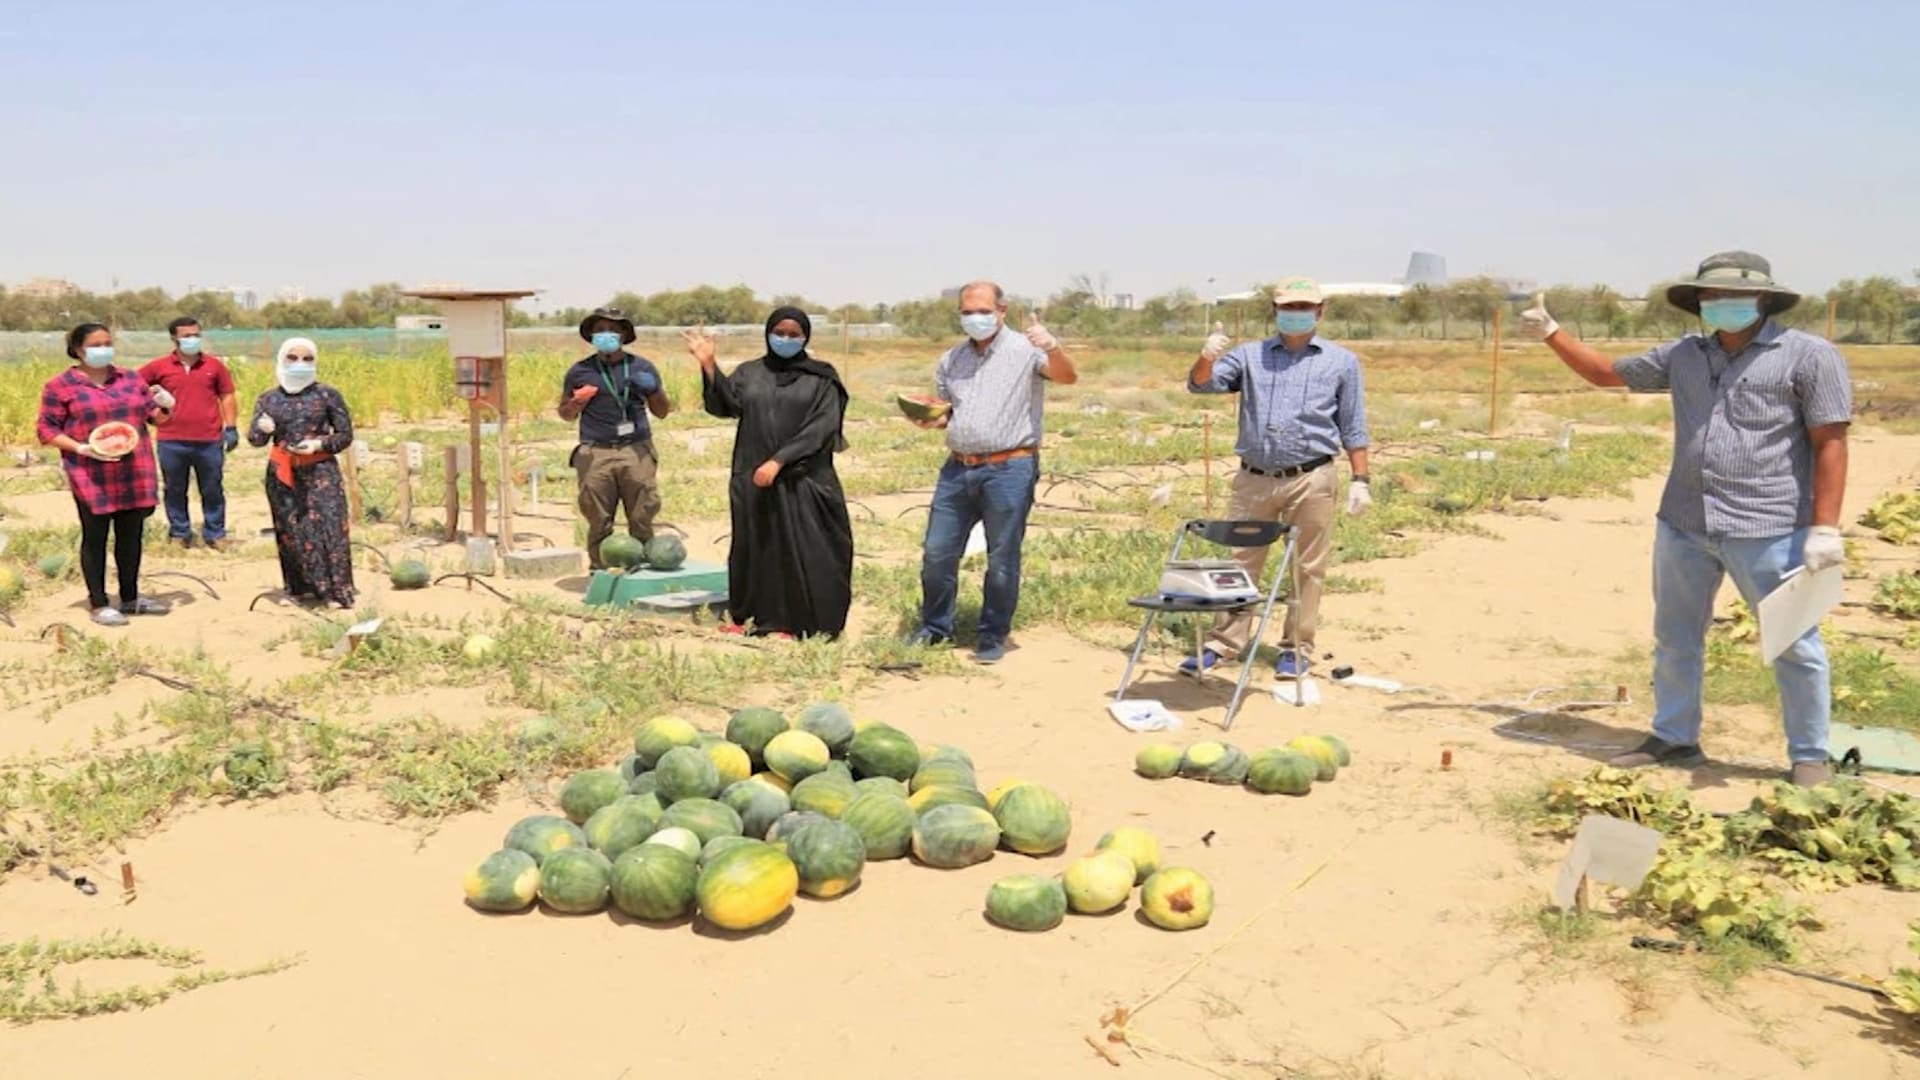 شركة قد تساعد بتحويل الصحراء إلى تربة صالحة للزراعة.. وتجاربها في دبي